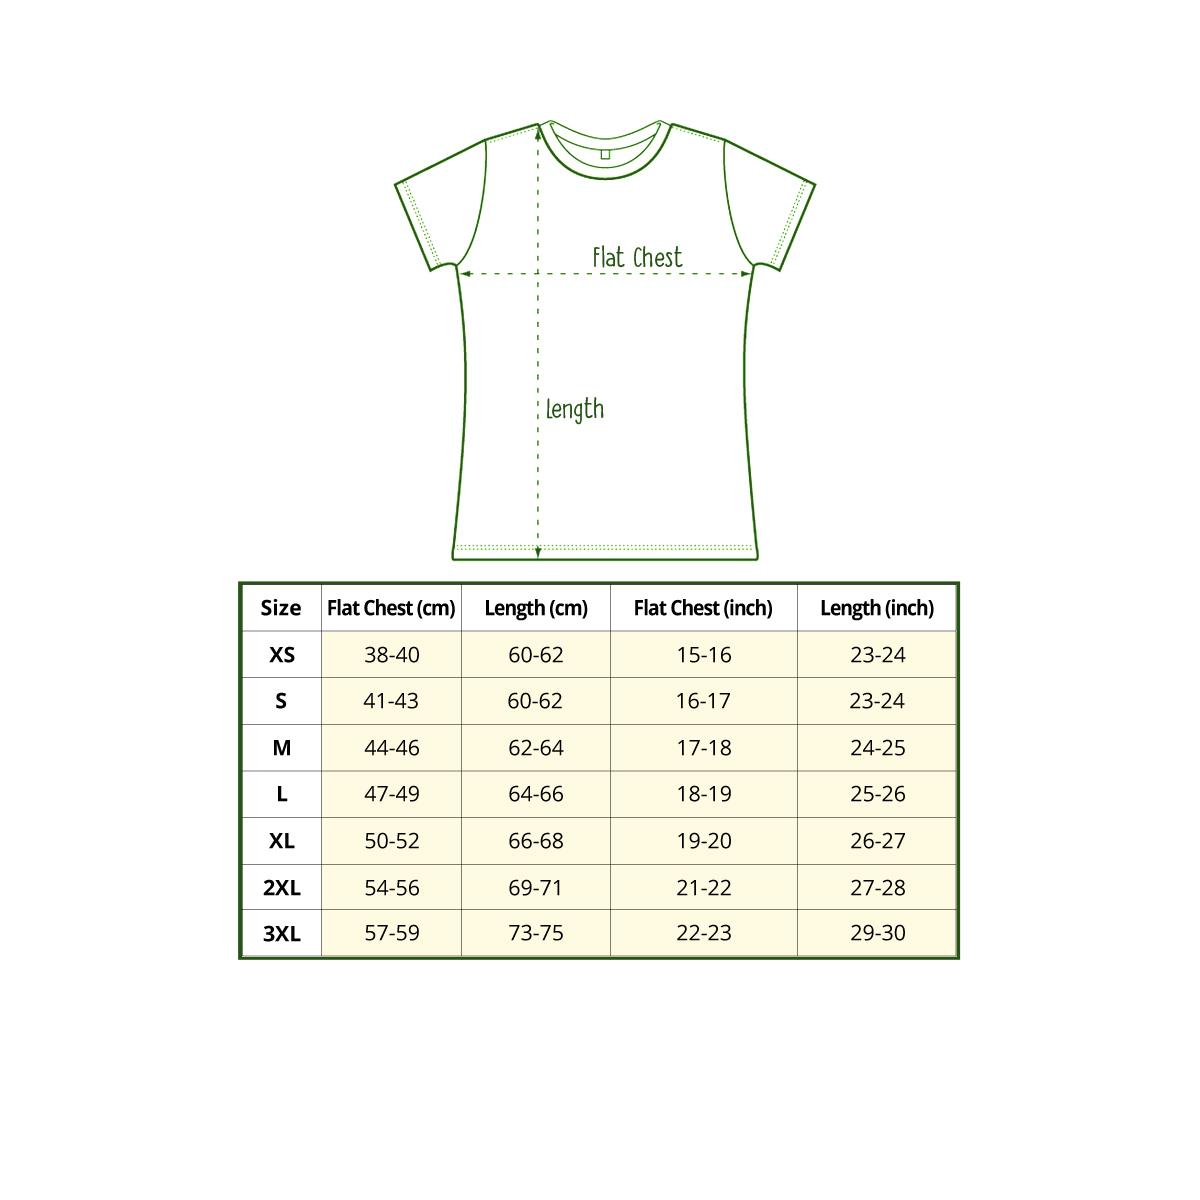 Junger Löwe Damen T-shirt XS-3XL Neu